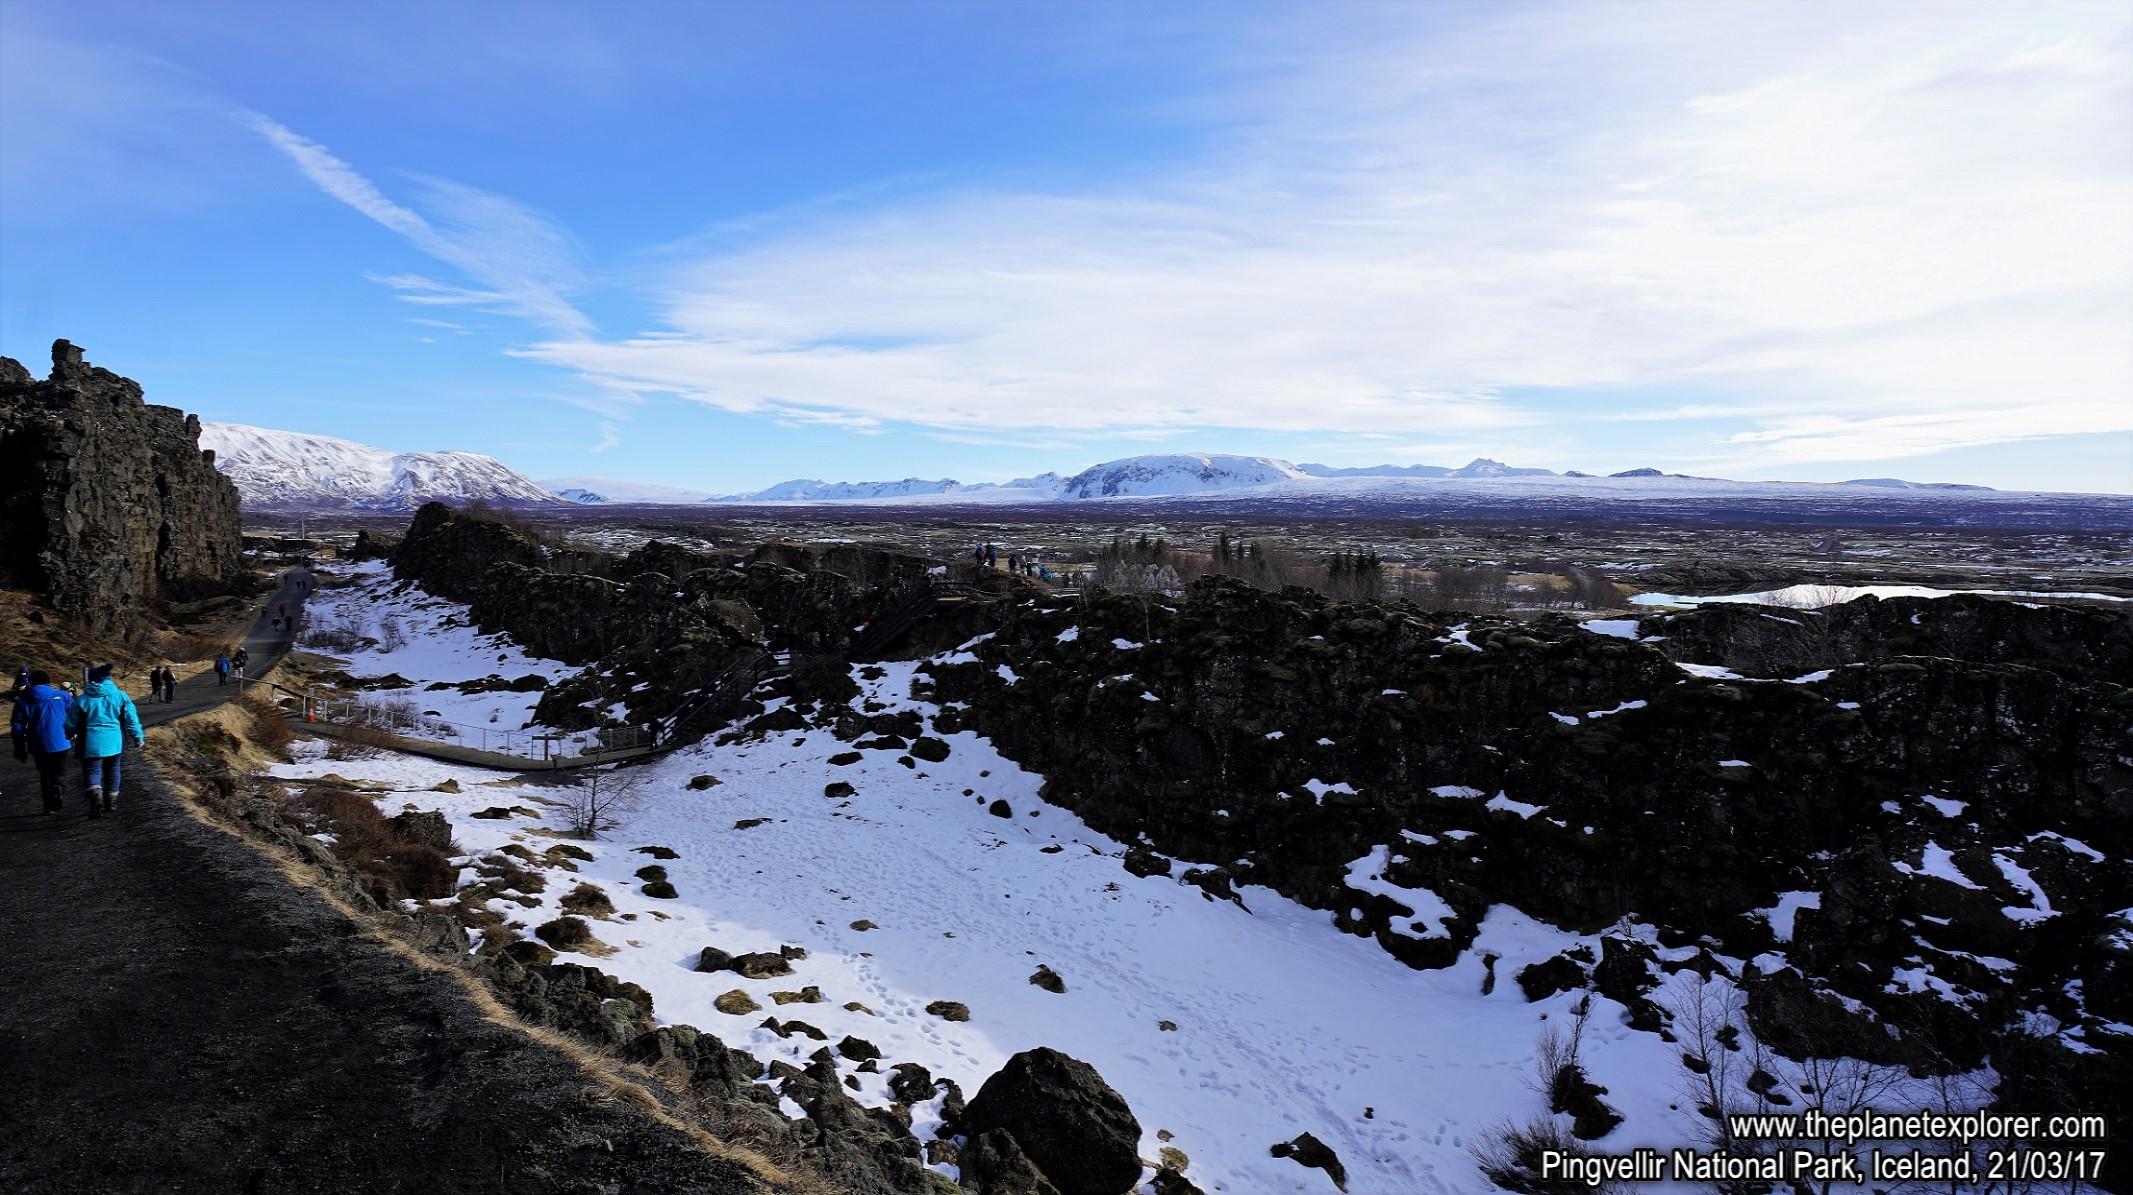 2017-03-21_1031_Iceland_Pingvellir National Park_DSC02132_s7R2_LR_@www